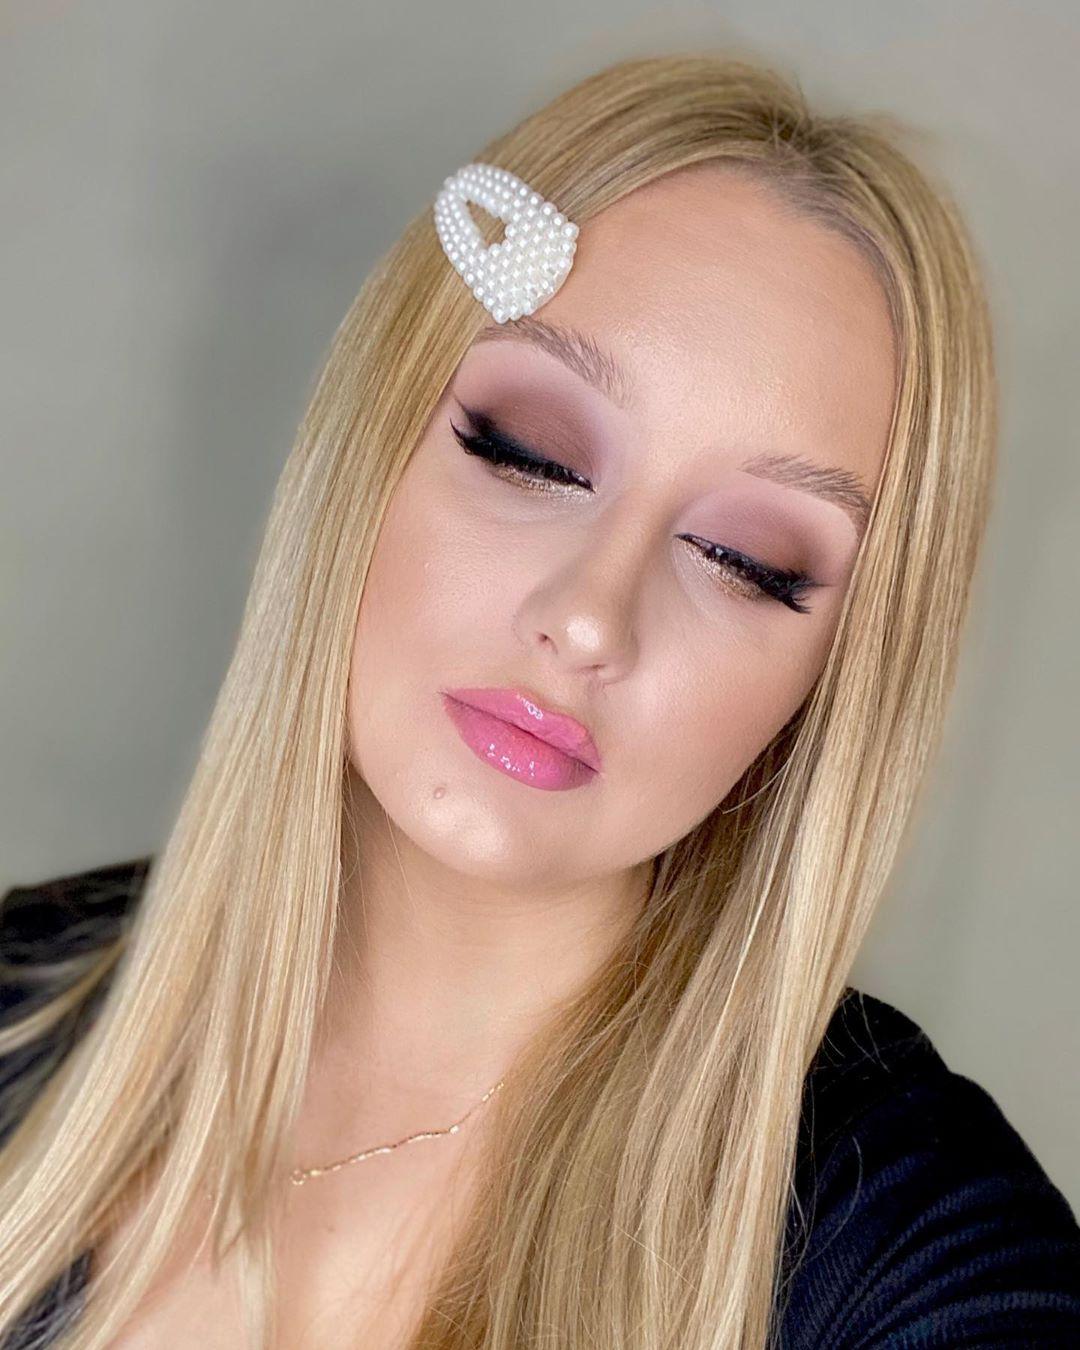 Możecie Napisać Pierwsza Myśl Jaka Przys Makeupartist - Make Up